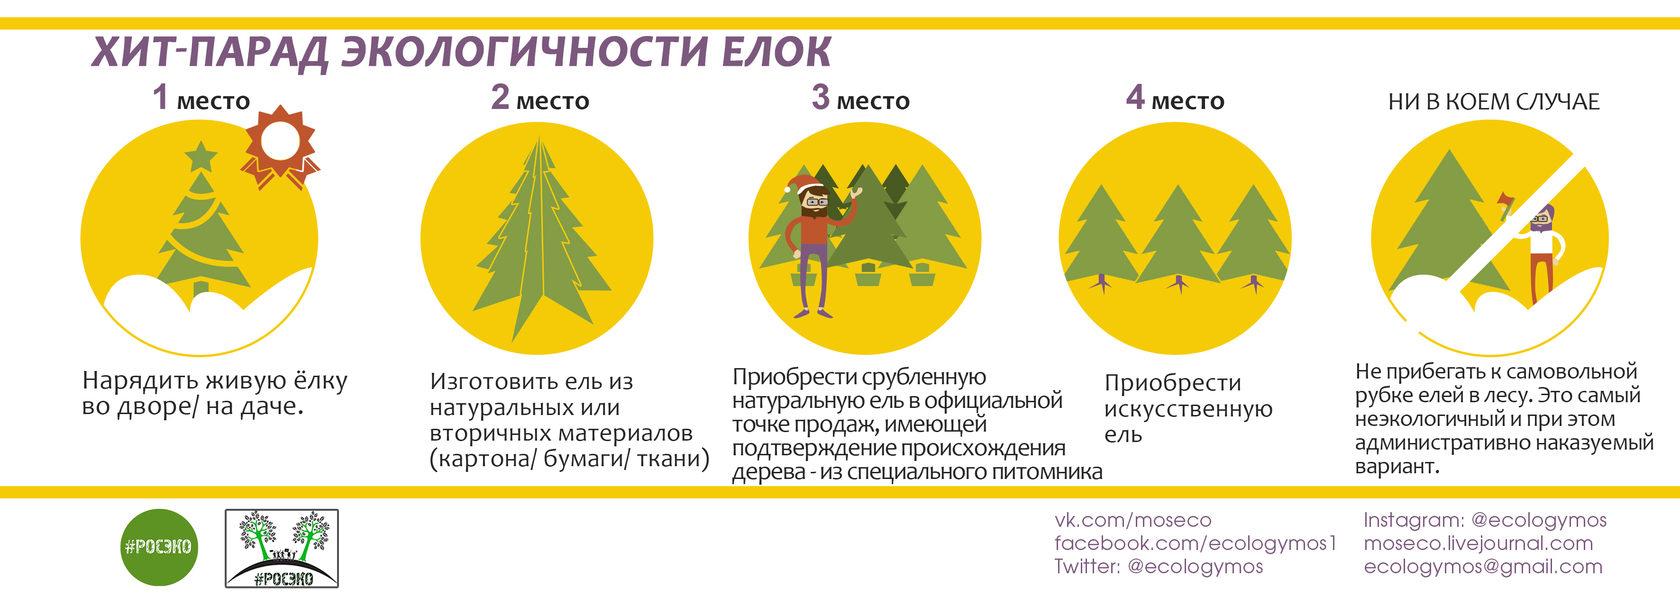 Обсуждаем вопрос экологичного выбора новогодней ёлки на Радио «Соль»